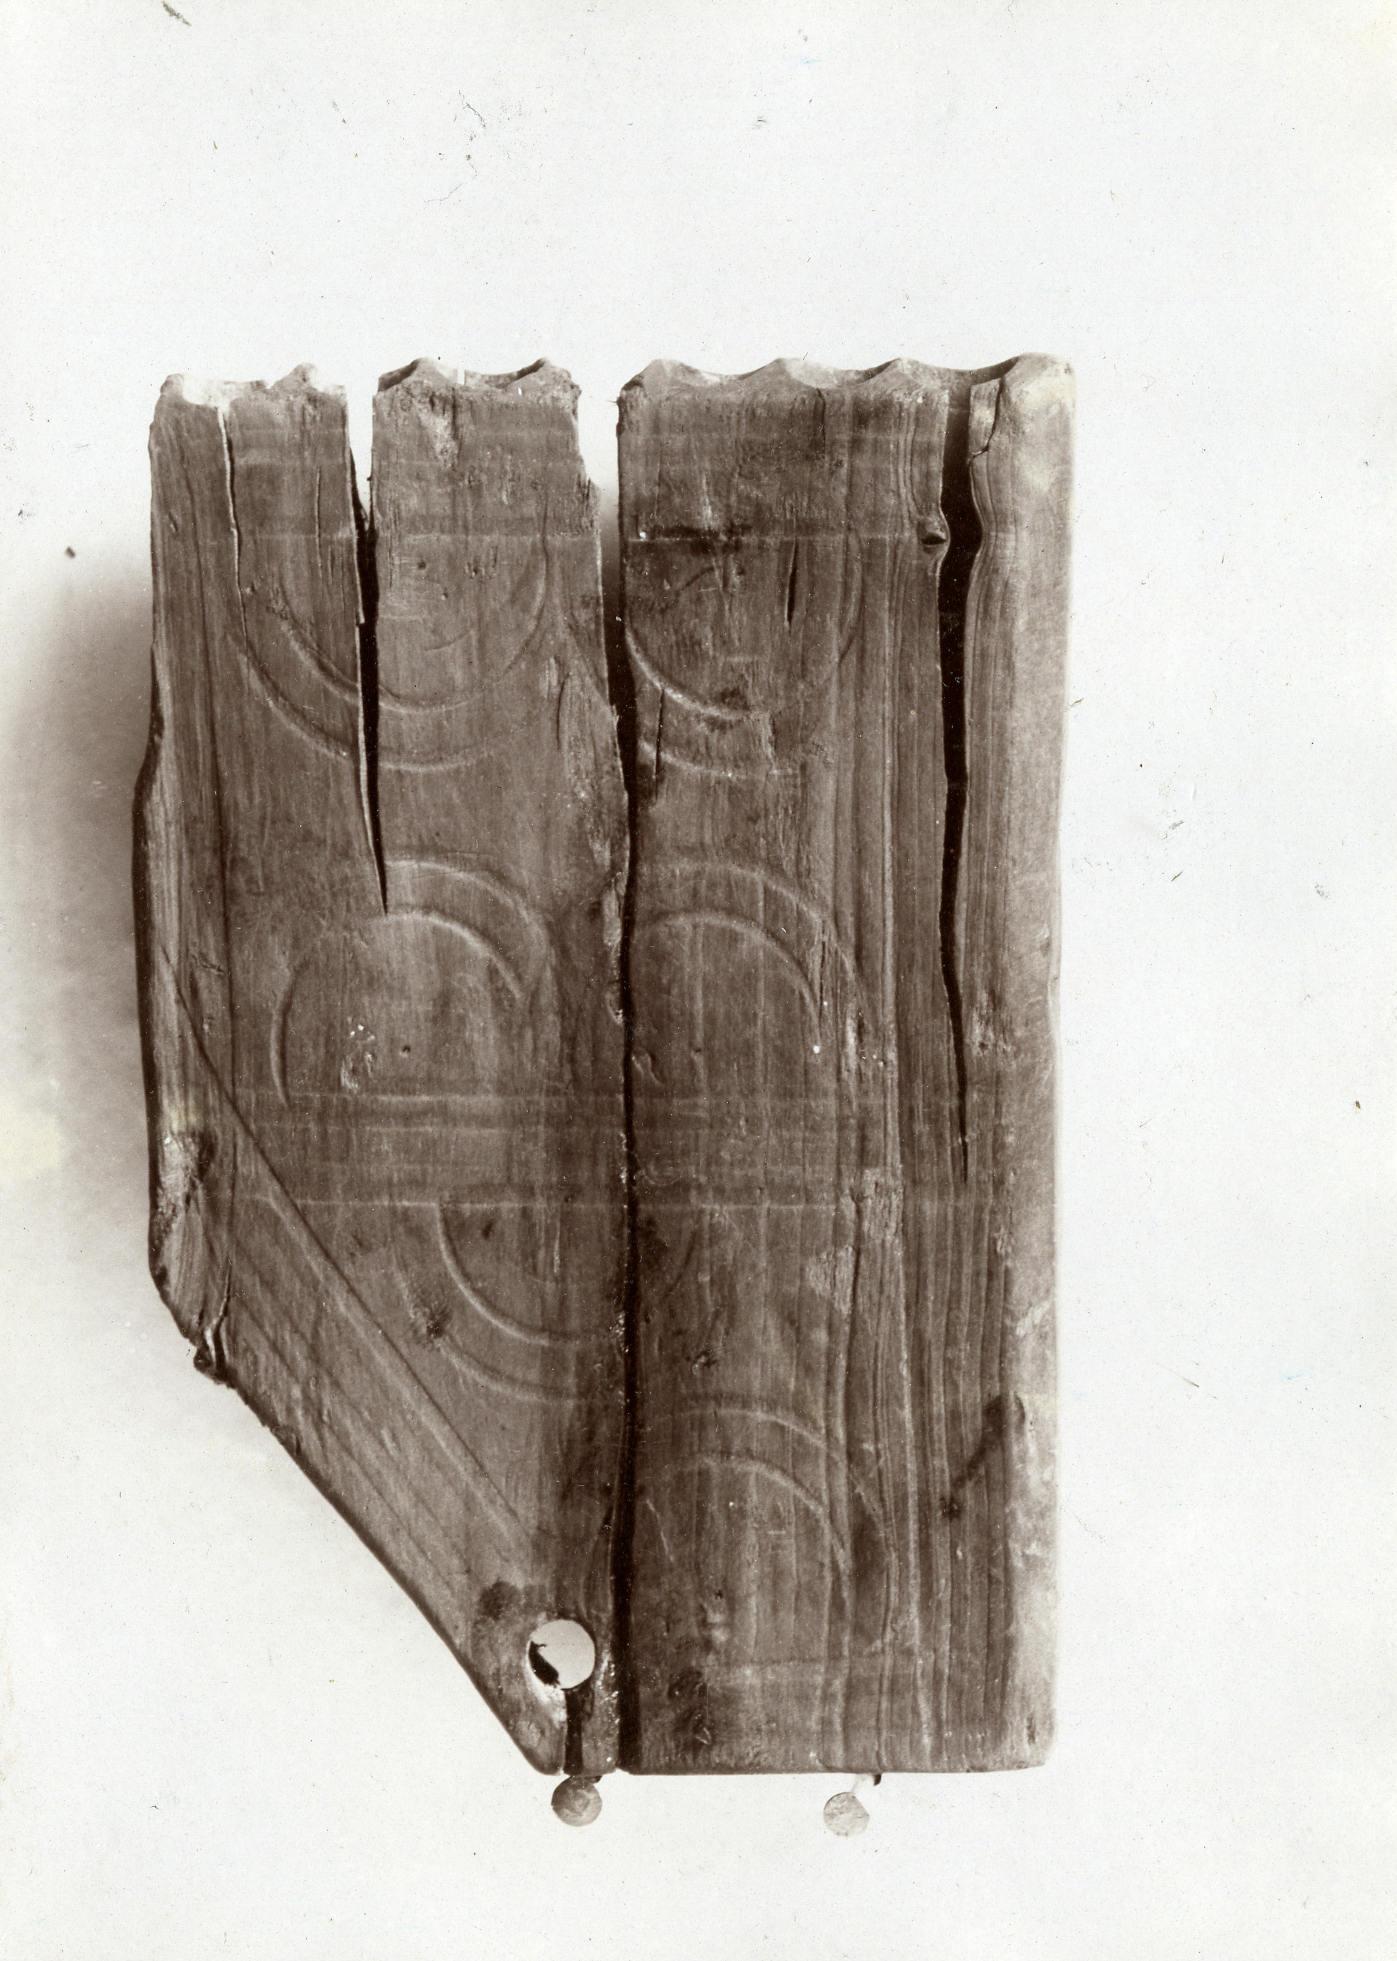 La flûte de Pan d'Alesia, buis, avant restauration. Fin IIe s. – début IIIe s. apr. J.-C. Musée d'Alise-Sainte-Reine